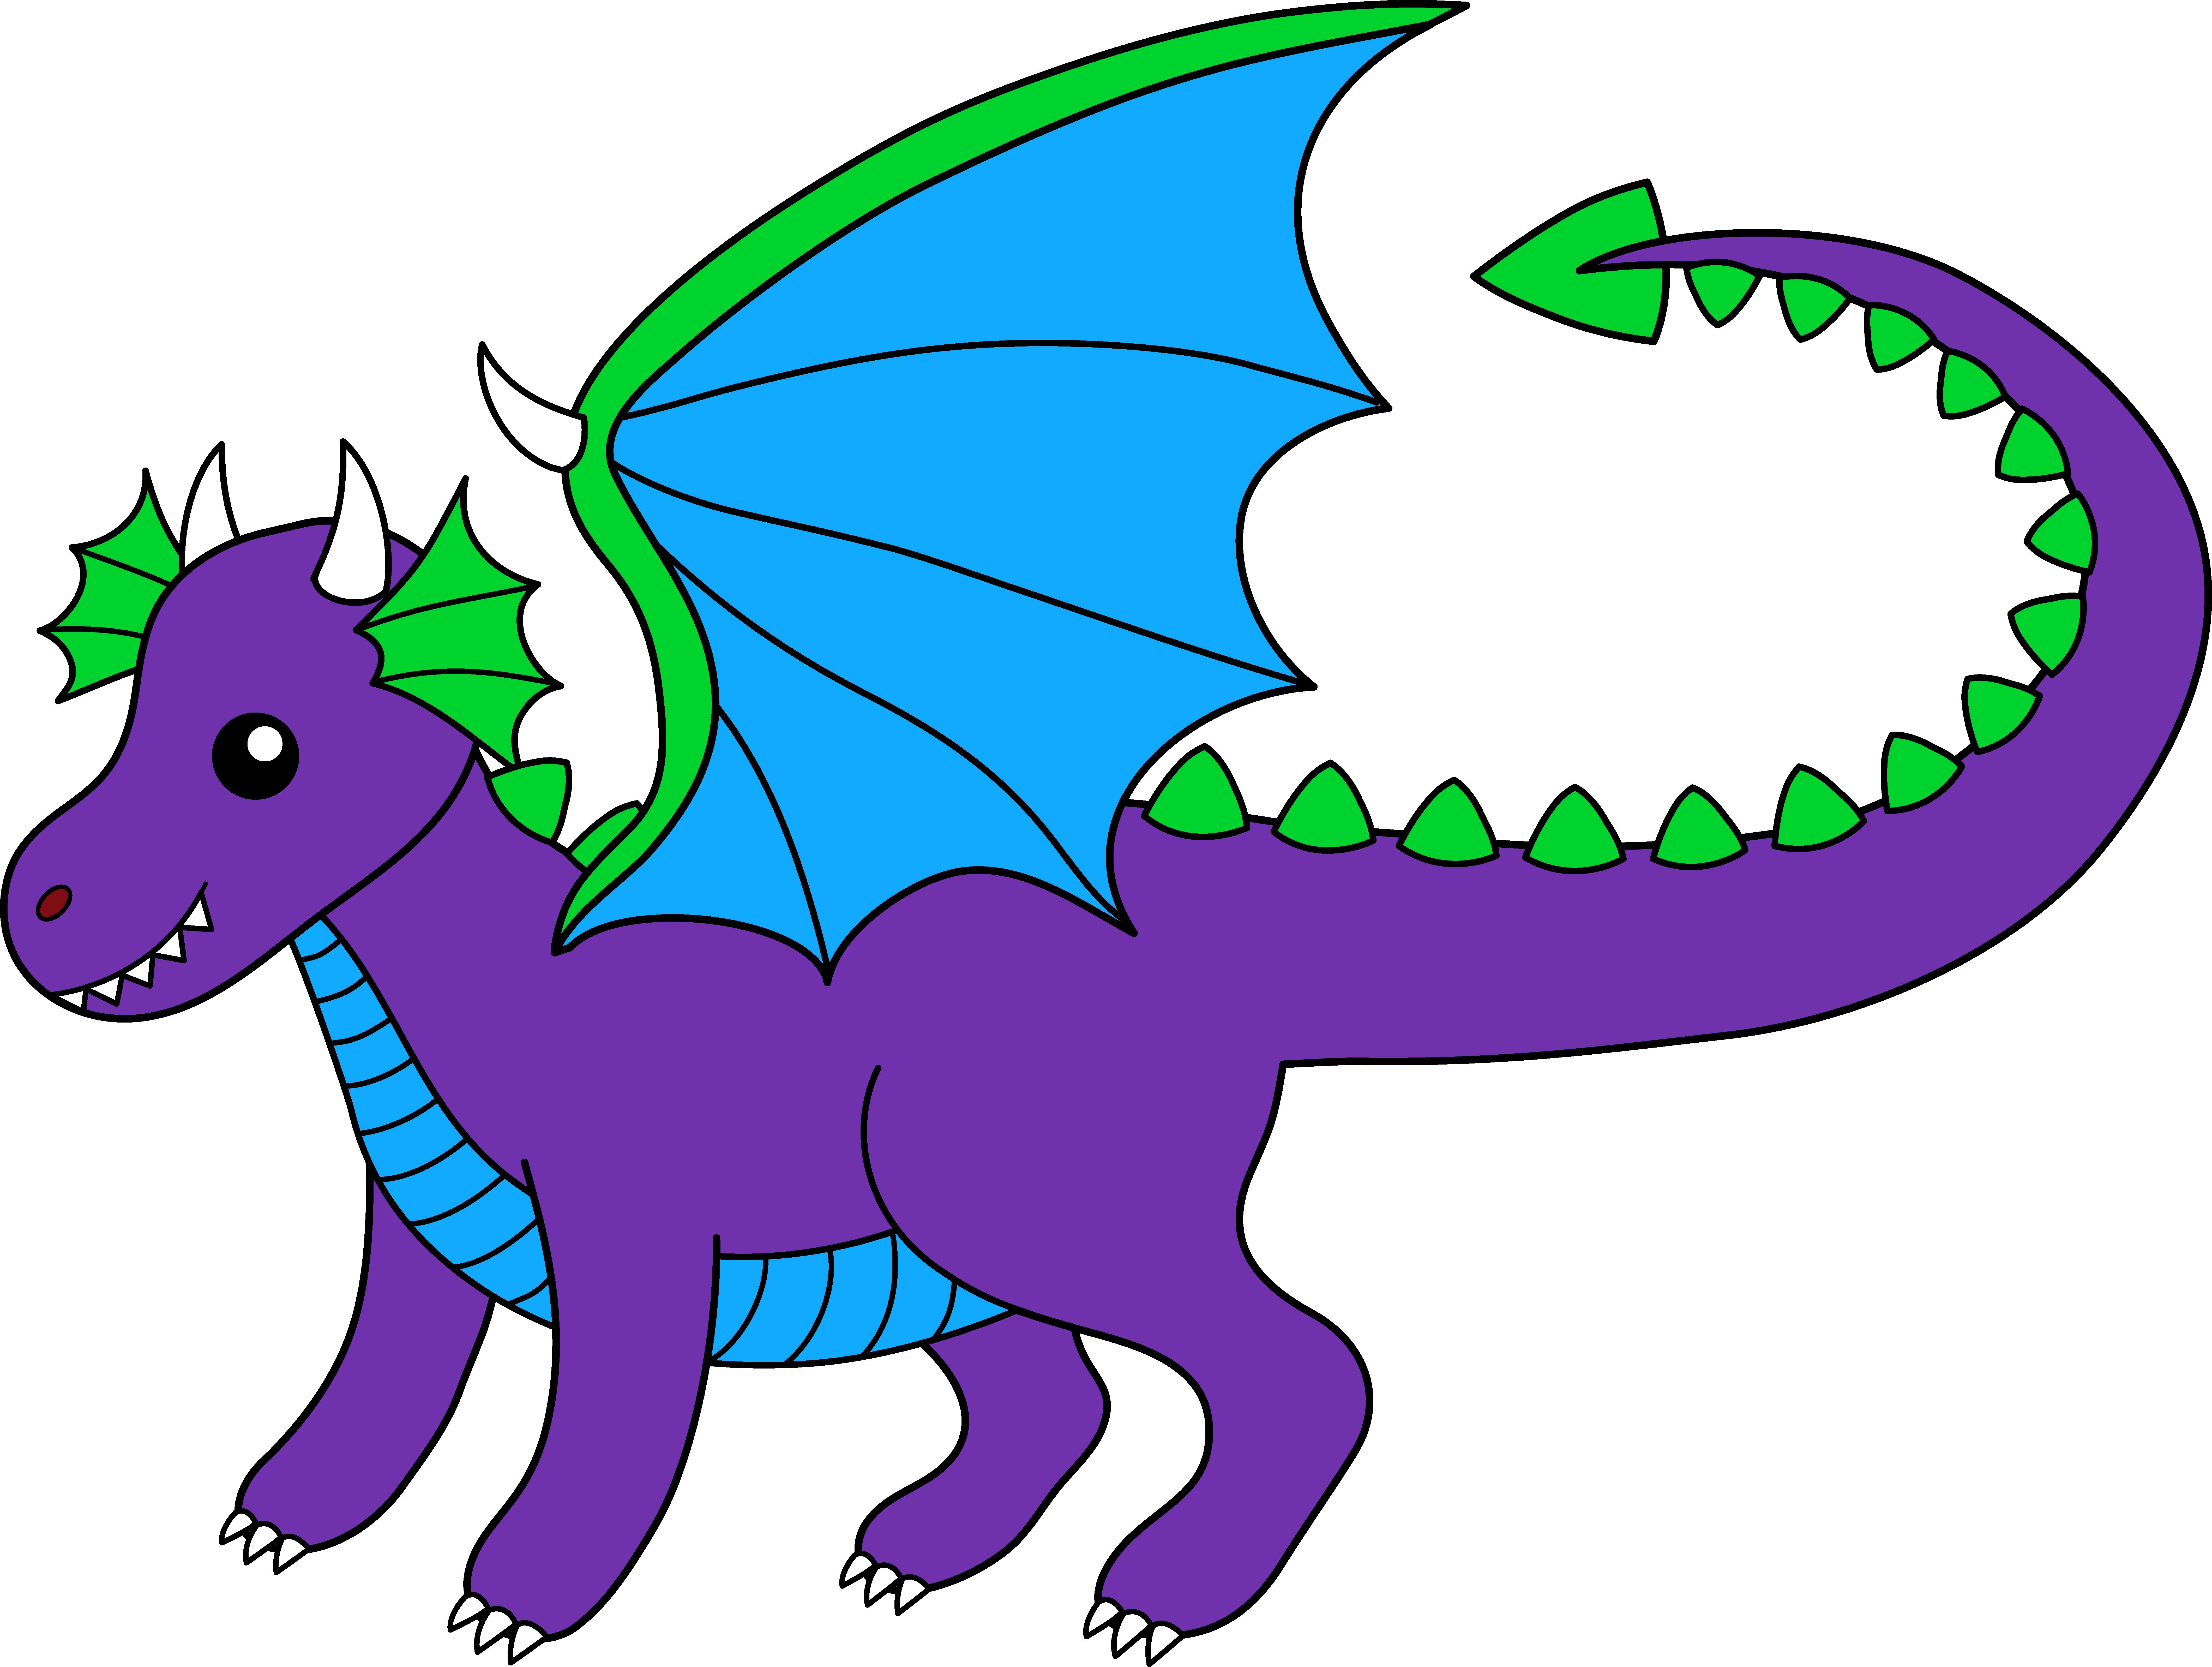 Little Purple Dragon - Free Clip Art-Little Purple Dragon - Free Clip Art-10